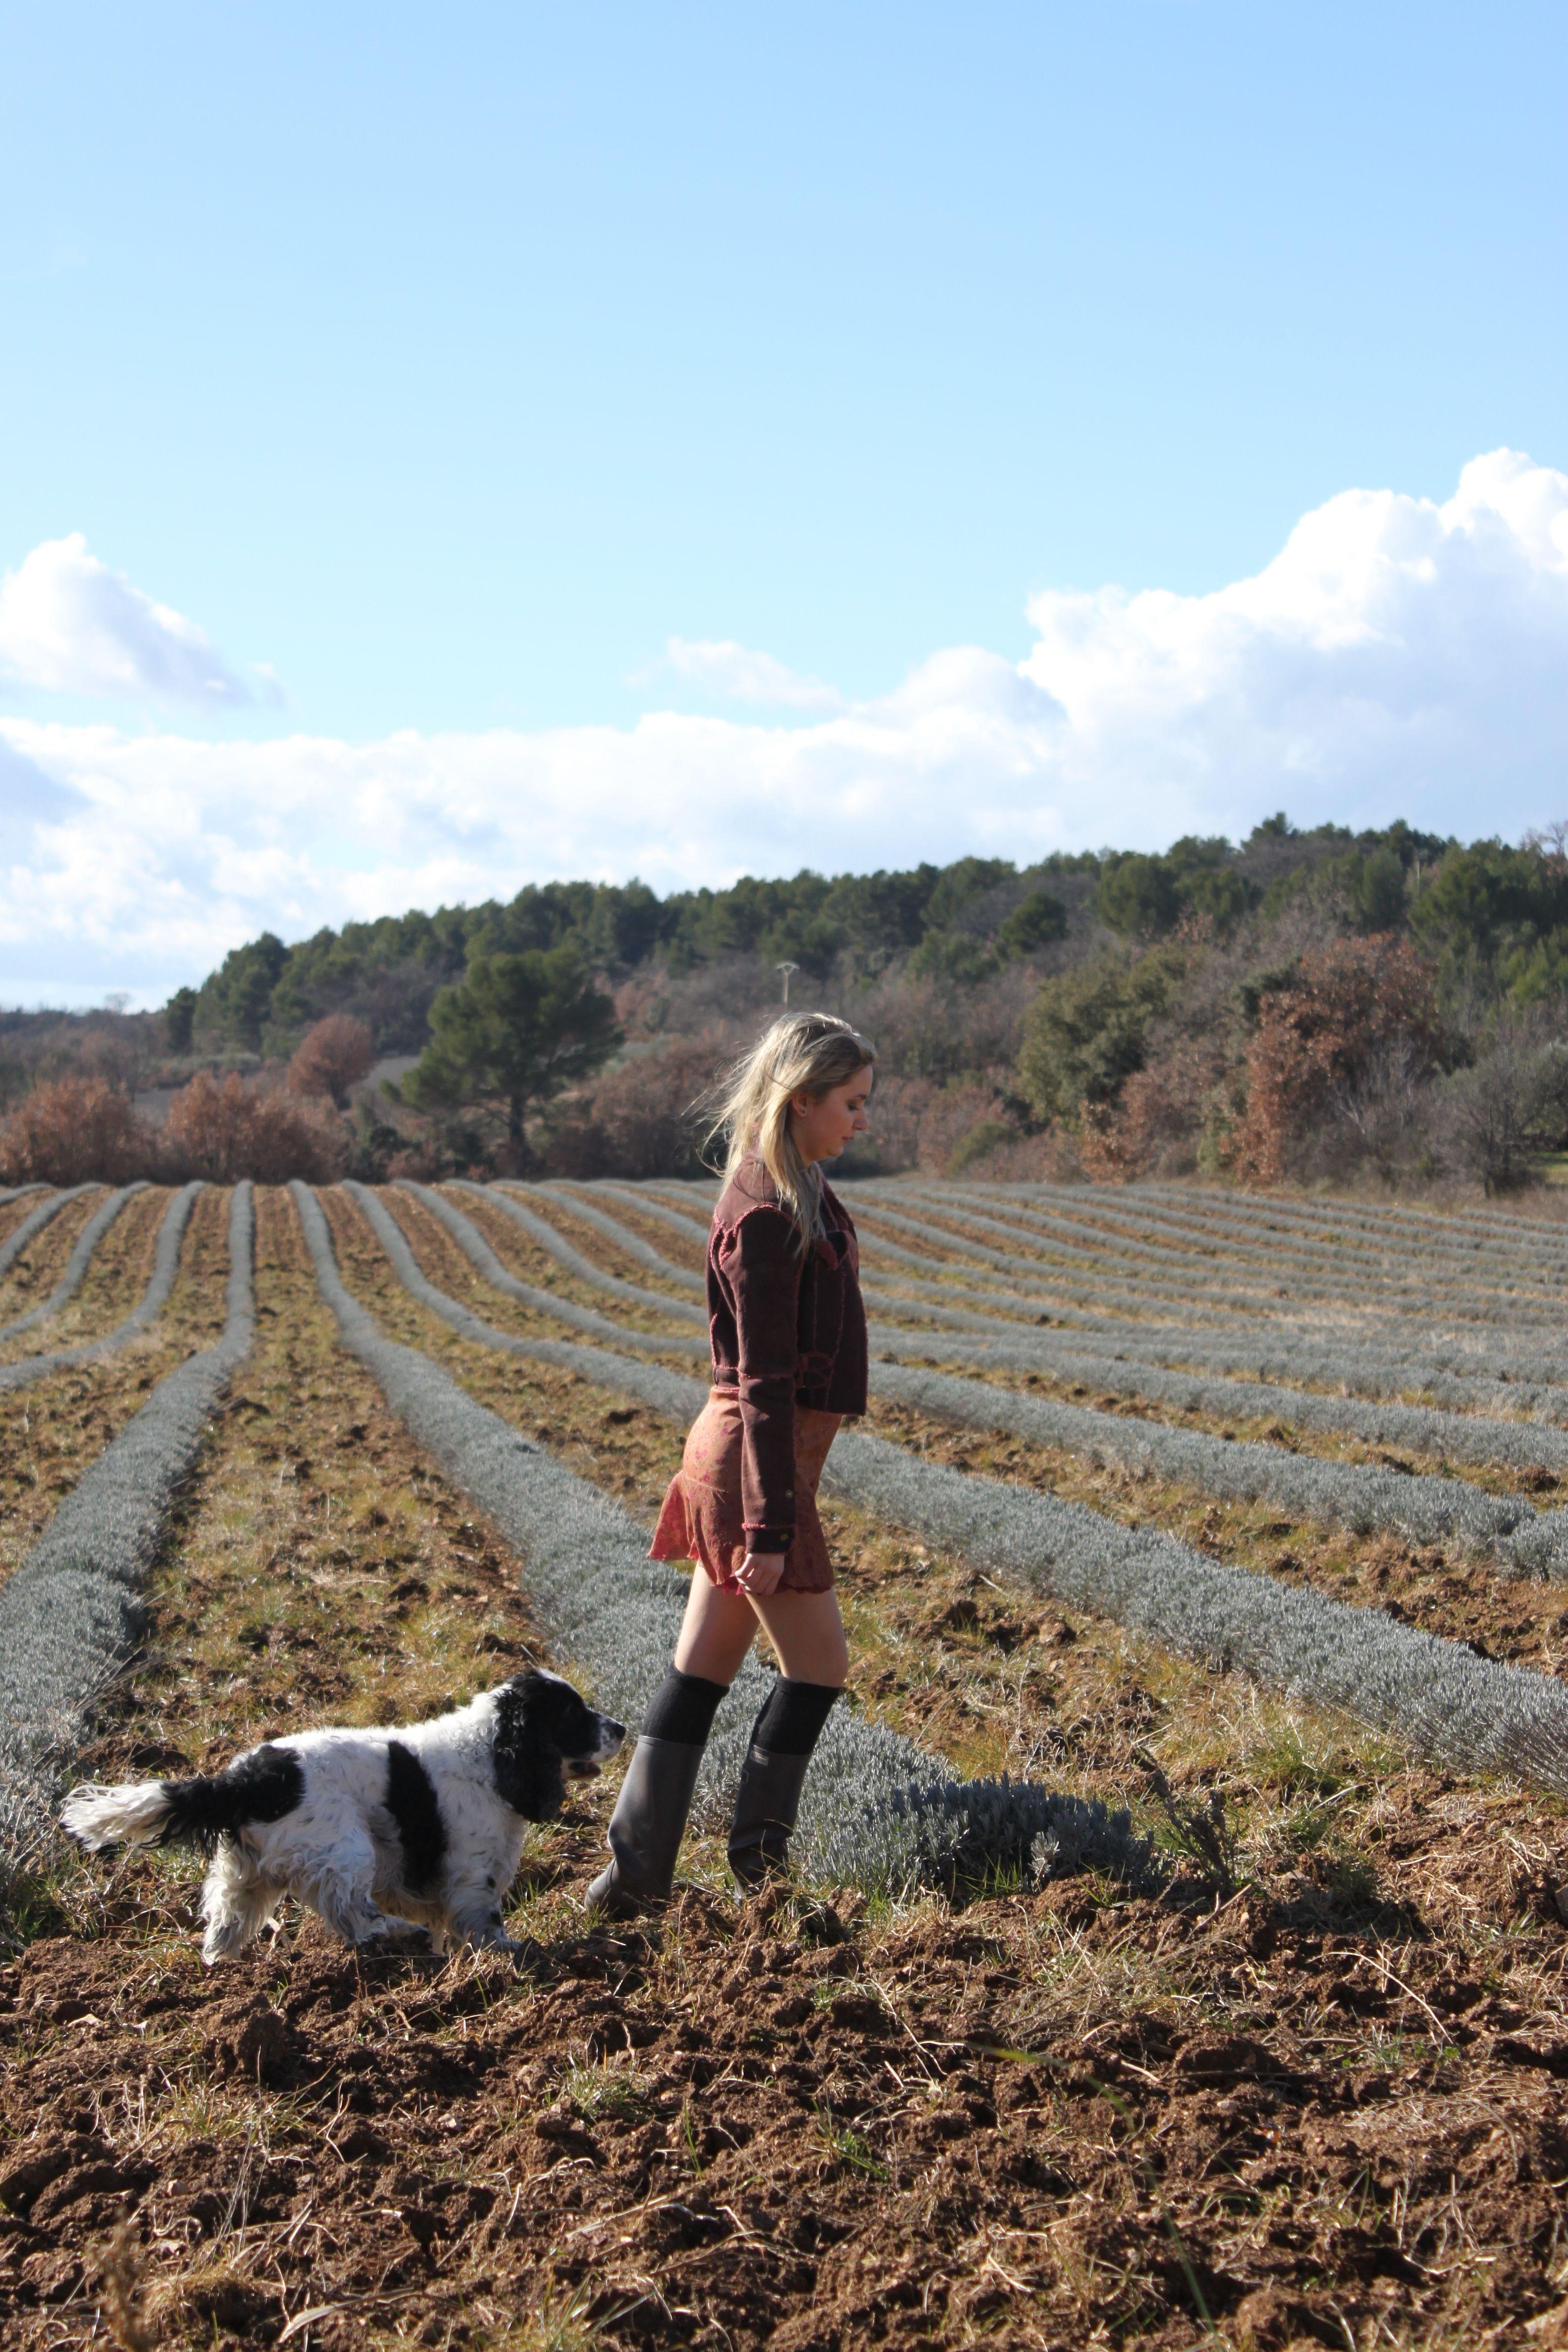 jeune femme en robe qui marche dans un champ au printemps